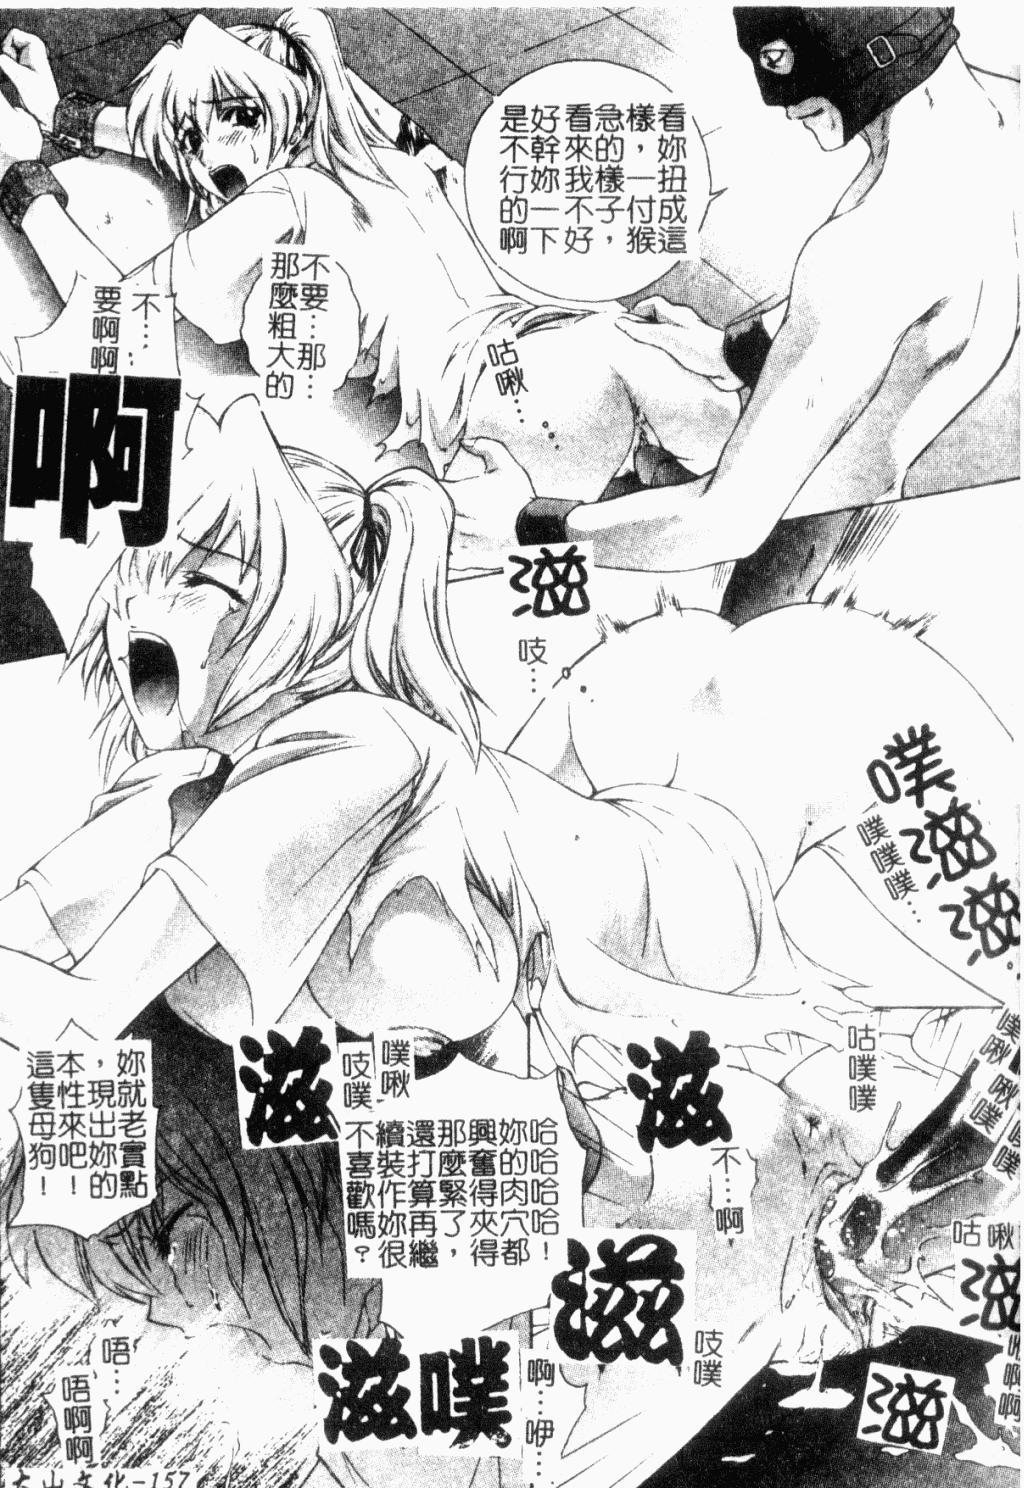 Choukyou Gakuen 2 Genteiban 156